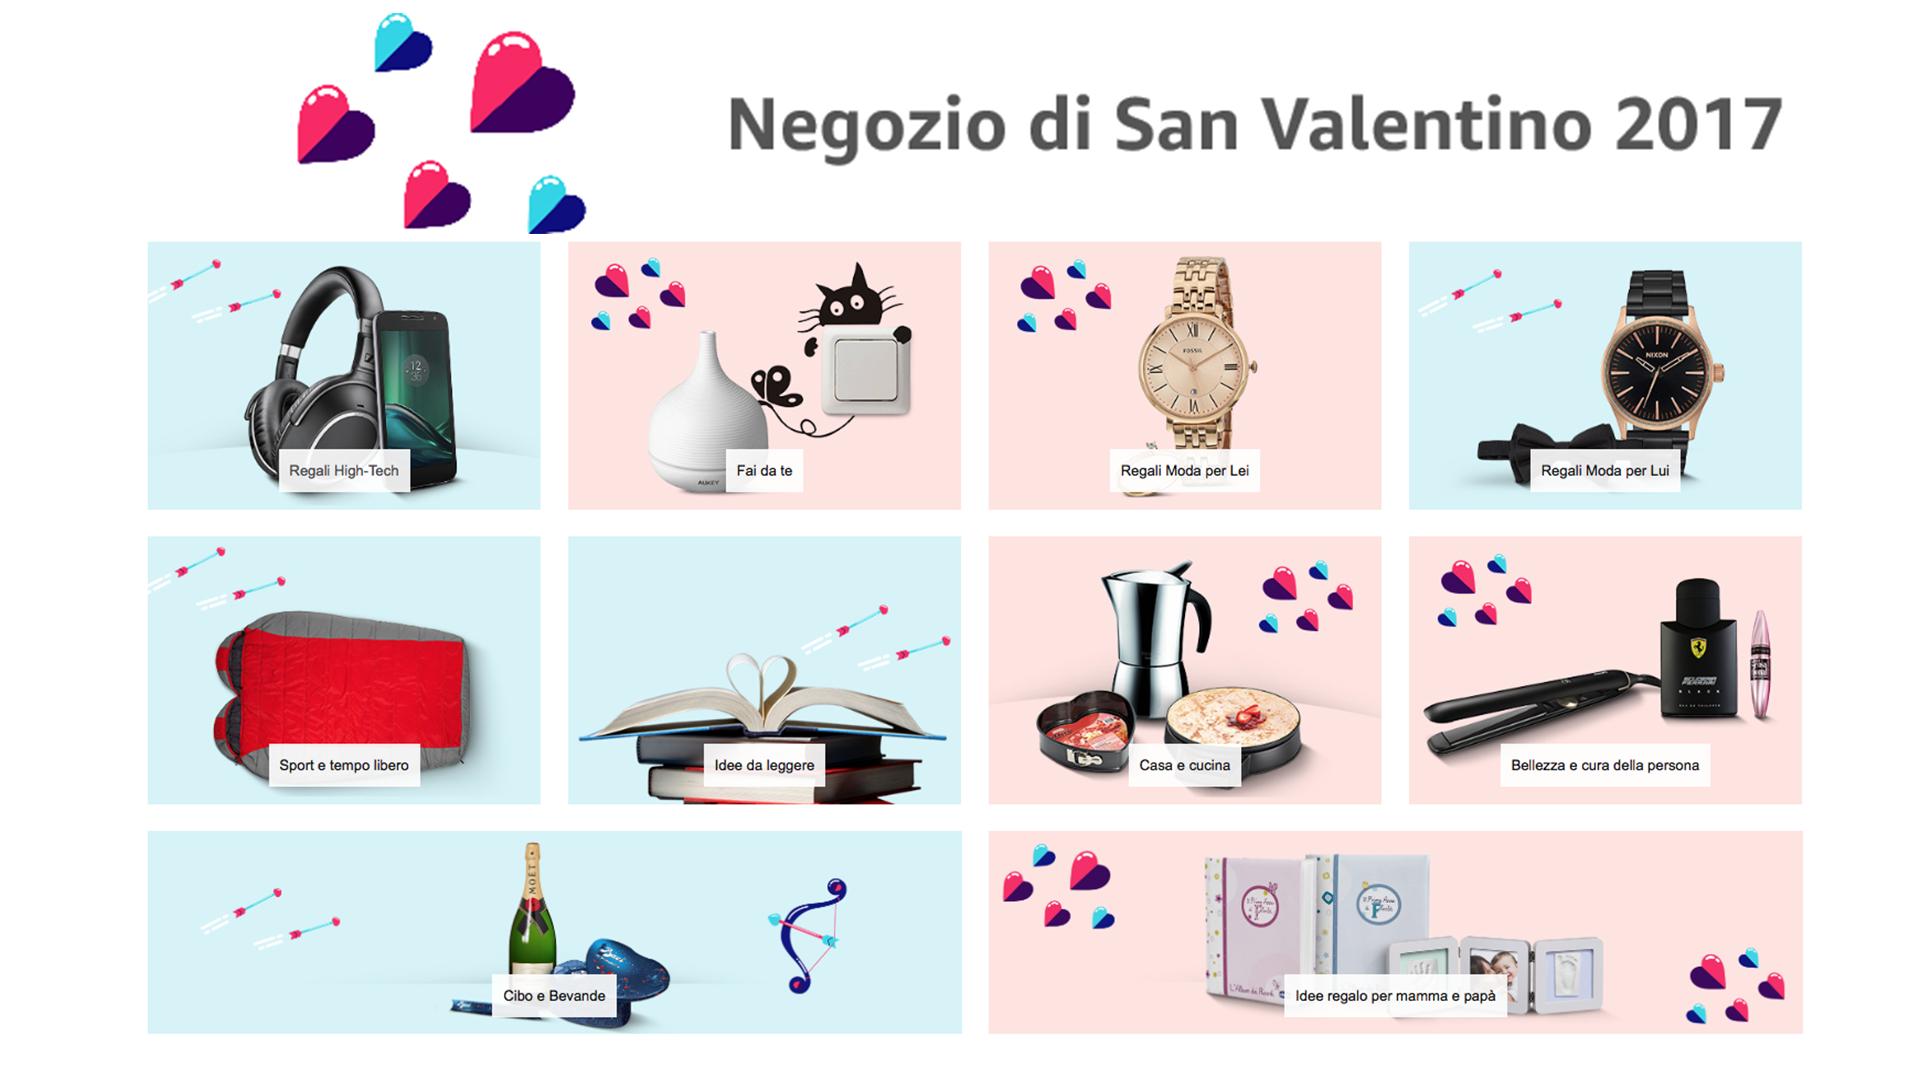 Amazon apre uno store per San Valentino - Why-Tech